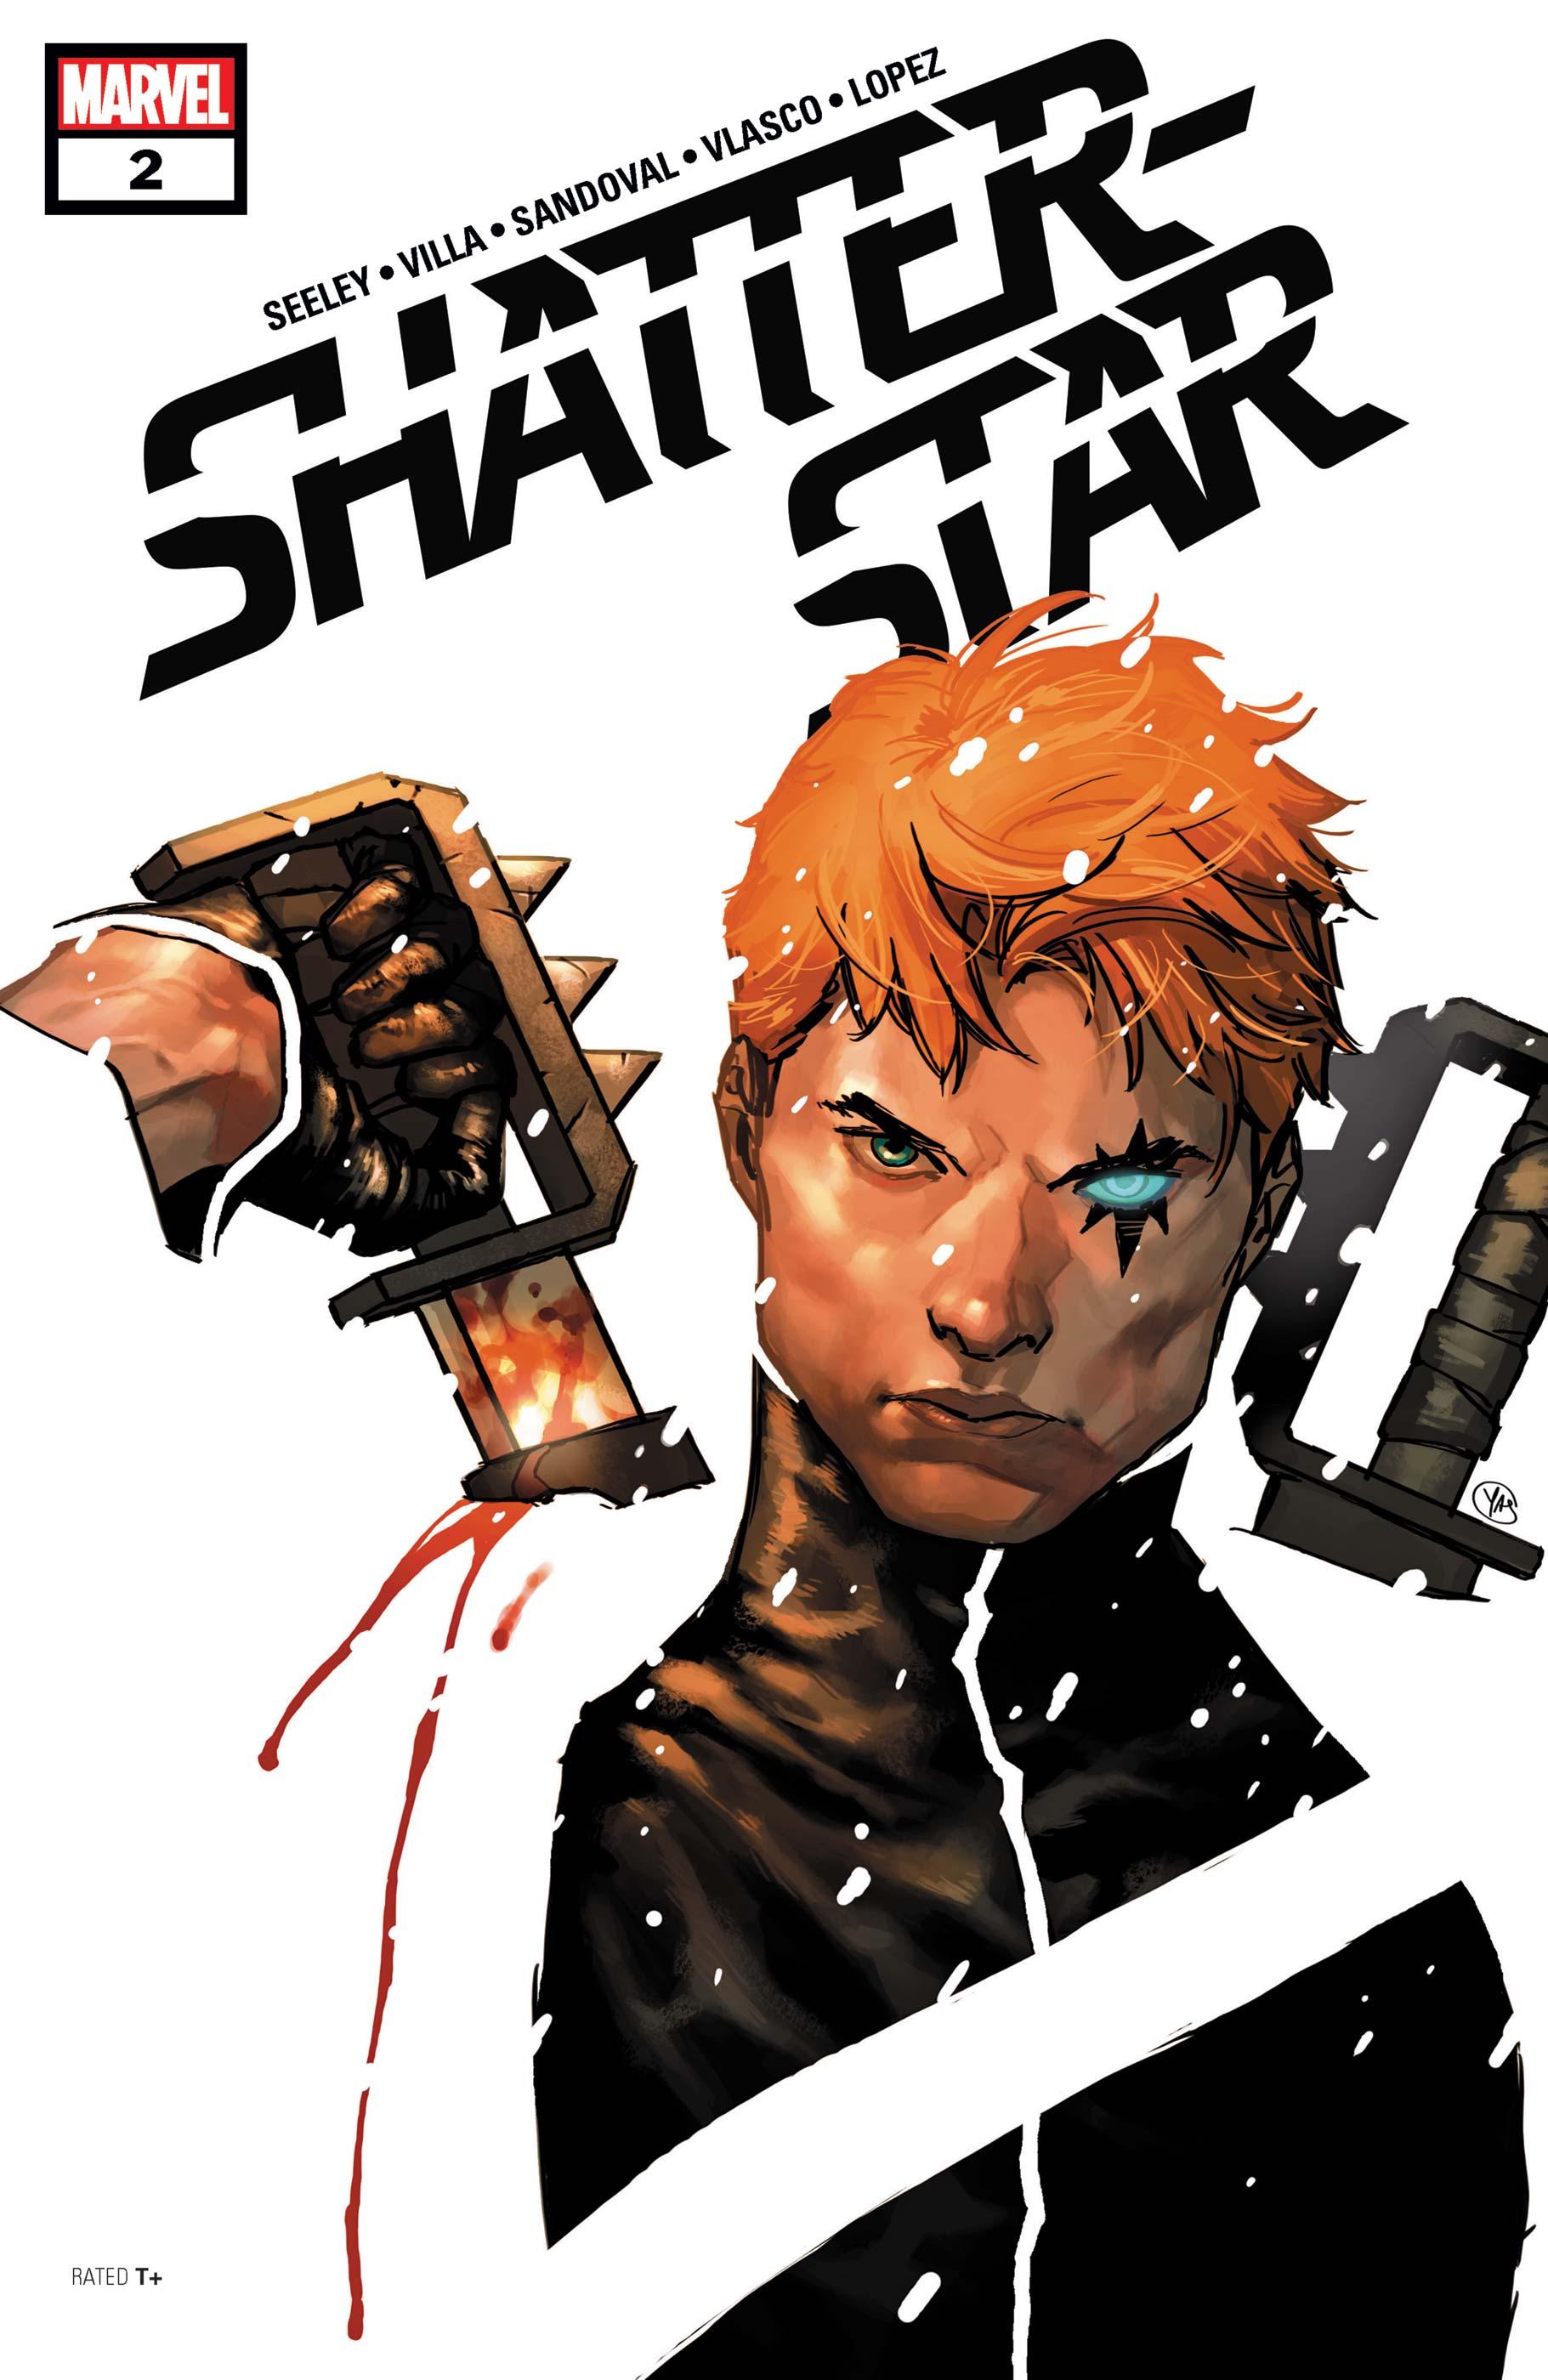 Shatterstar (2018) #2